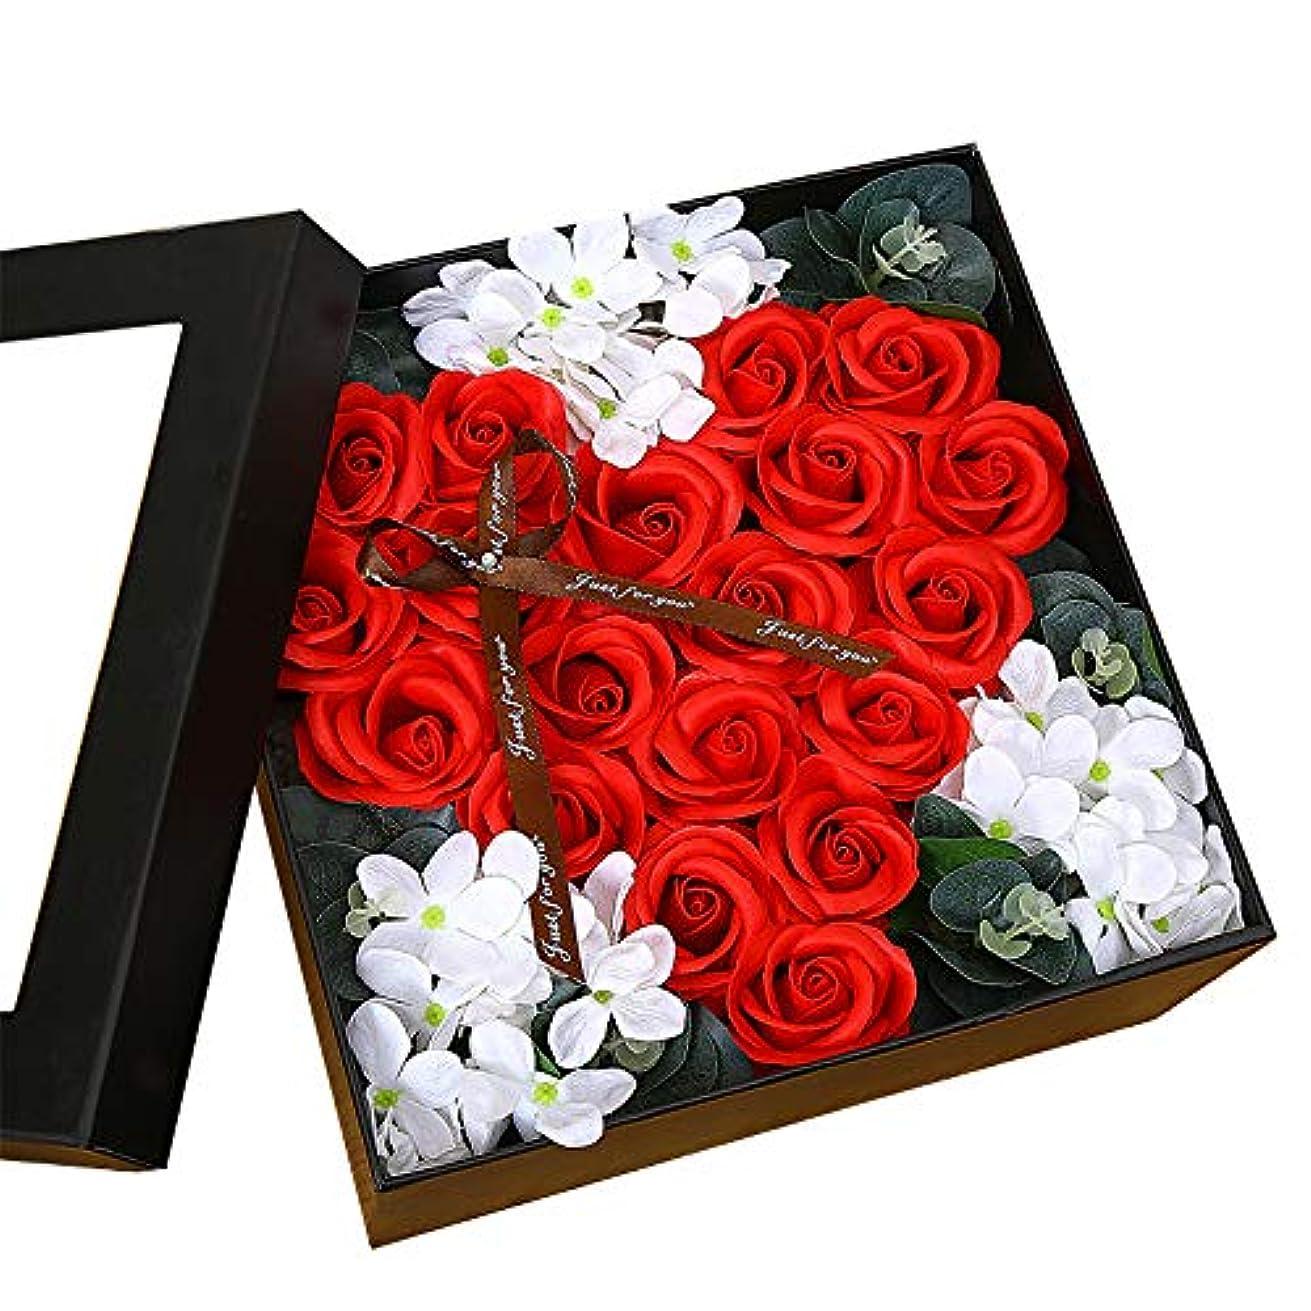 ひそかにでメアリアンジョーンズ生地と花石鹸の花 ギフトソープフラワーローズフラワーバレンタインデーのために不可欠ガールフレンド記念日誕生日母の日 (色 : Red square box)